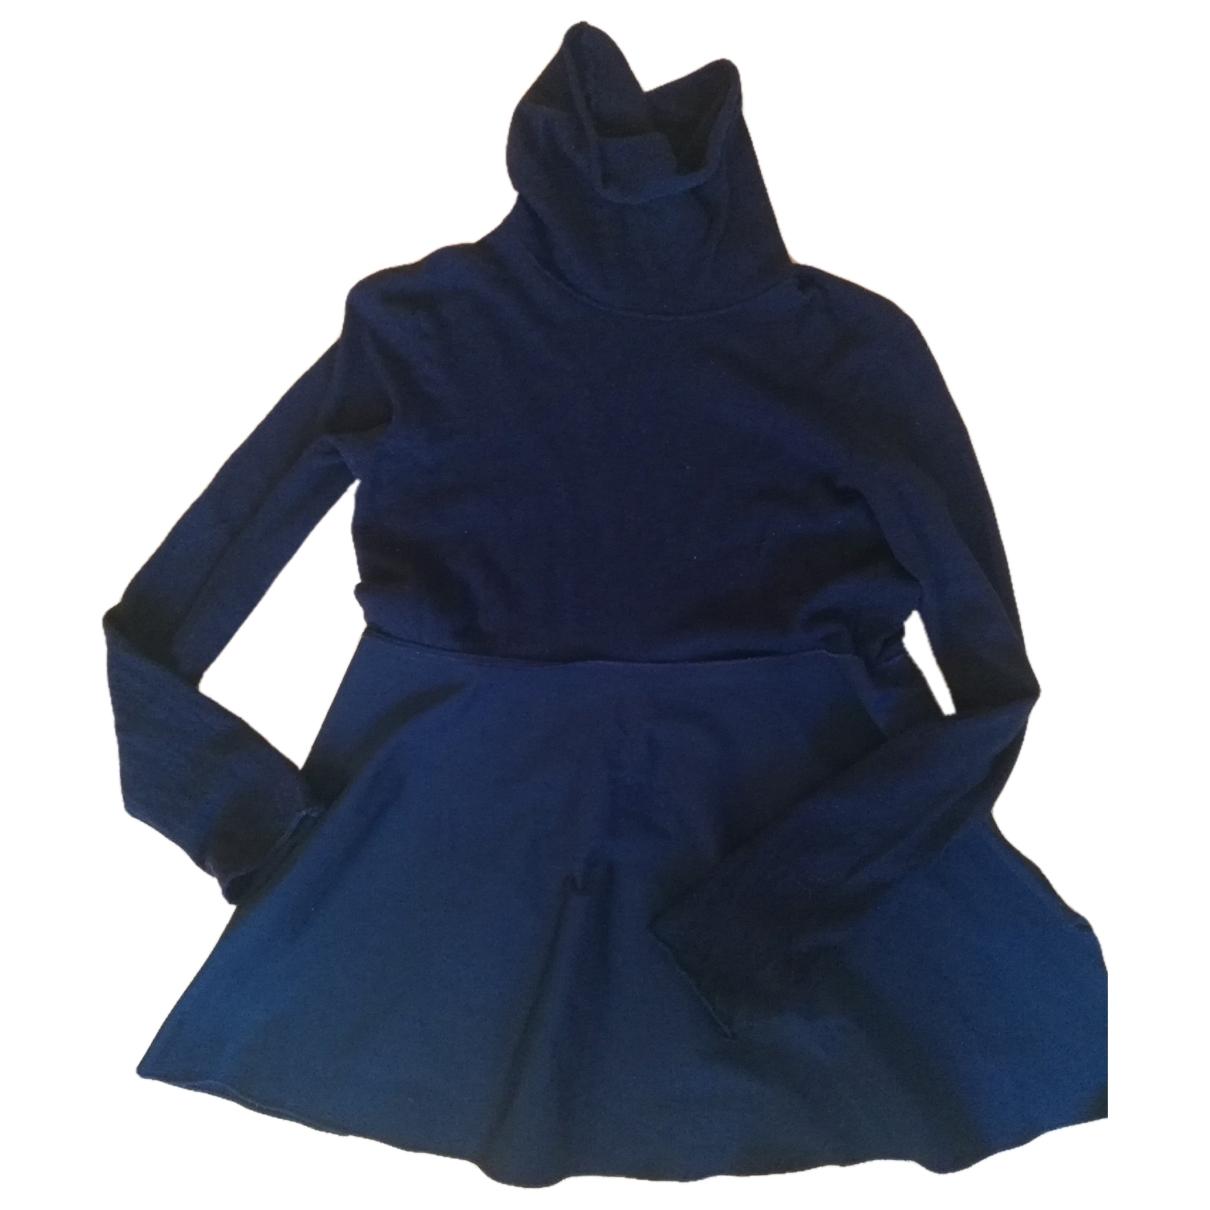 Hache - Top   pour femme en laine - marine